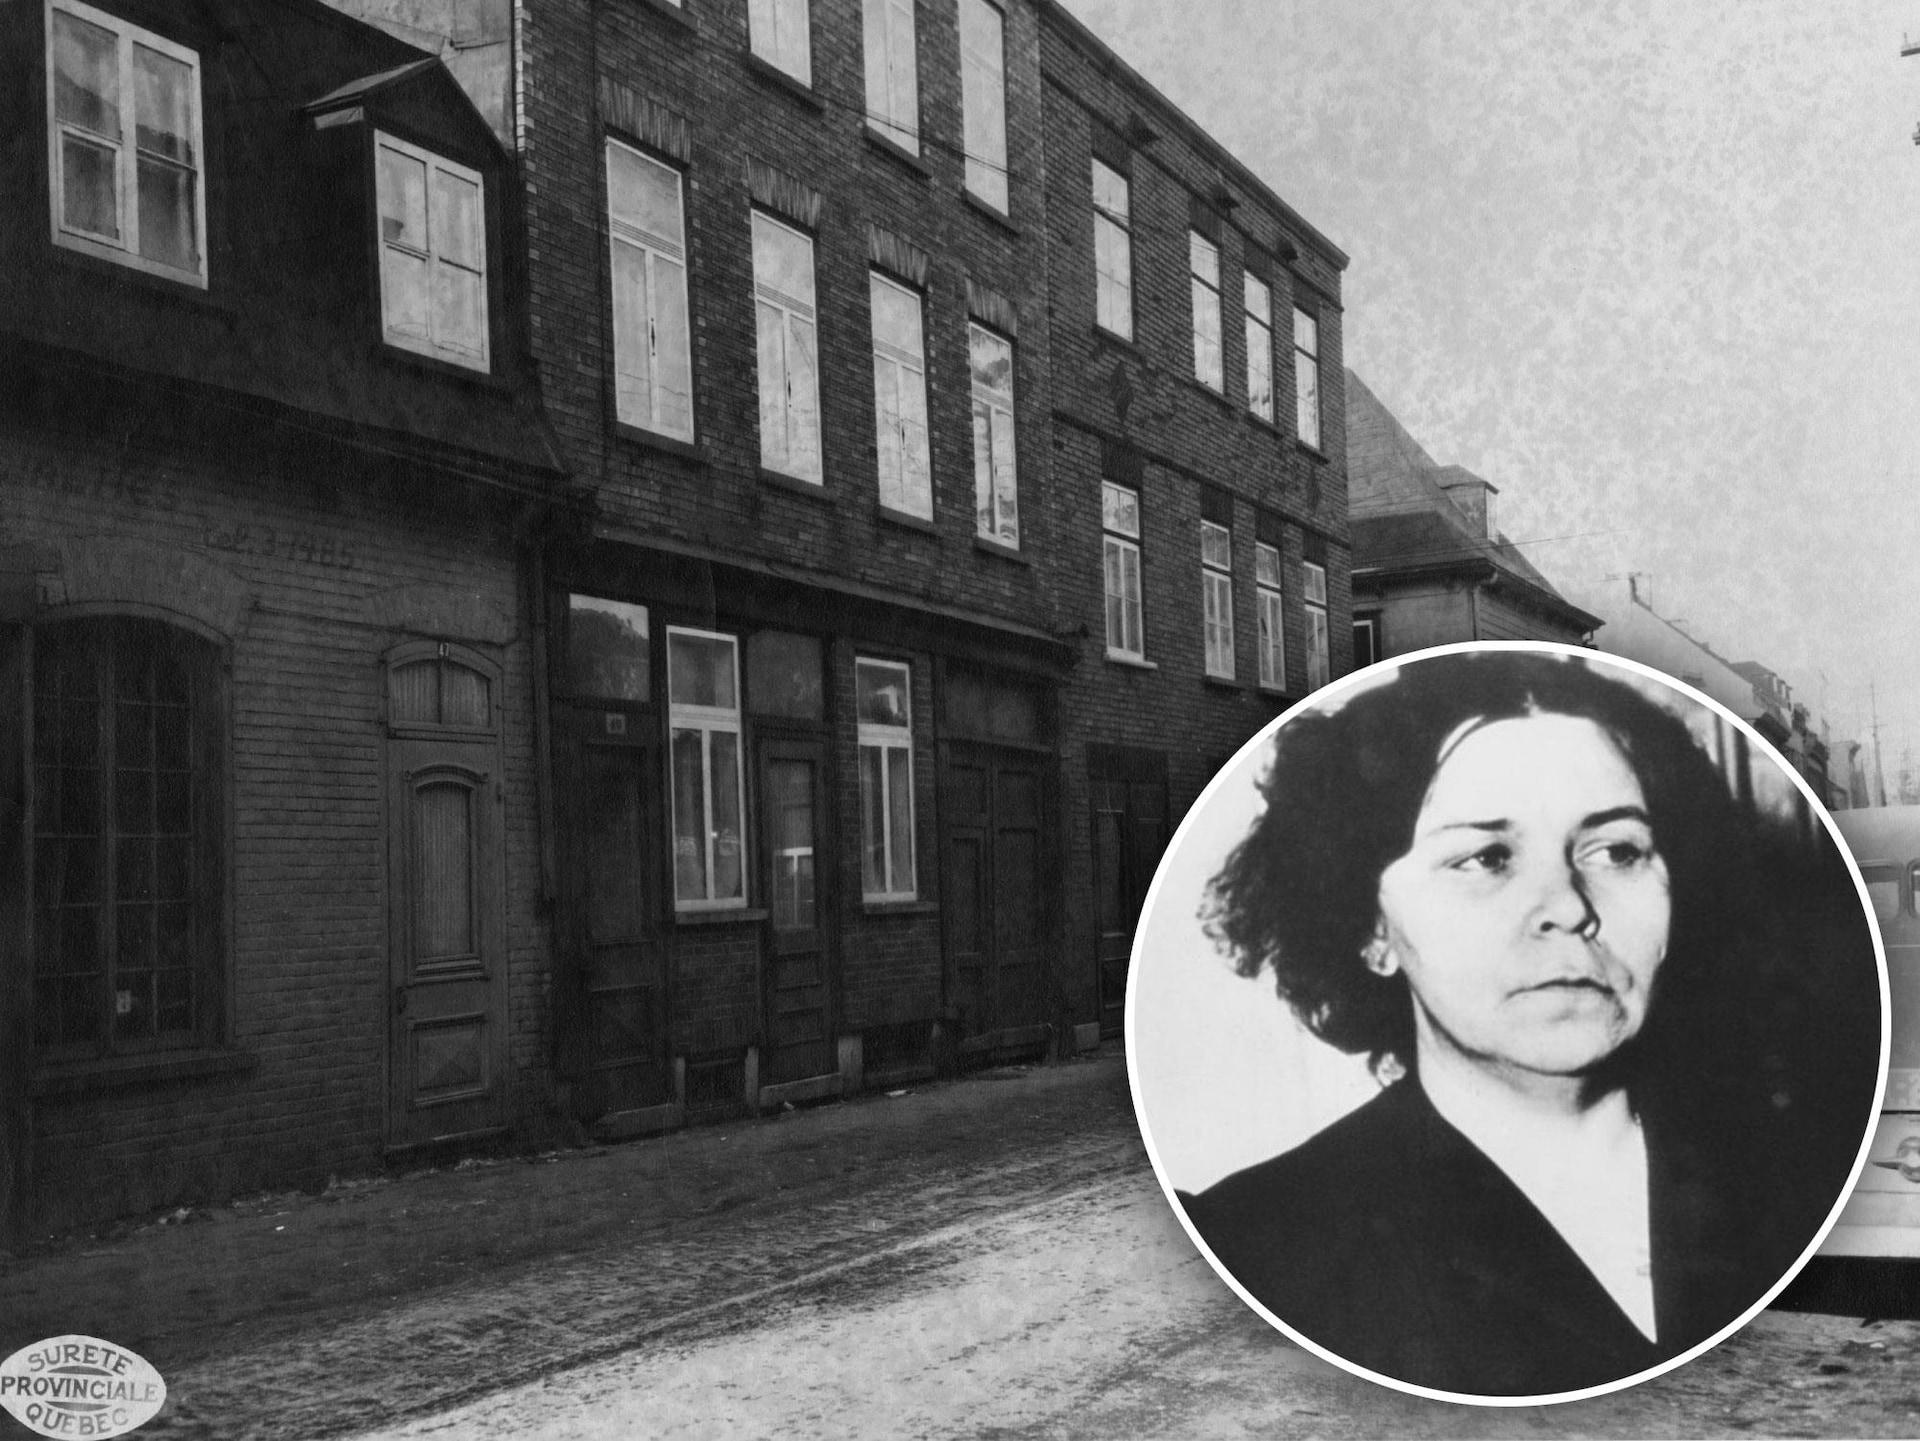 Deux photos en noir et blanc, des appartements sur une rue dans les années 50 et une dame avec un air sévère en bas à droite